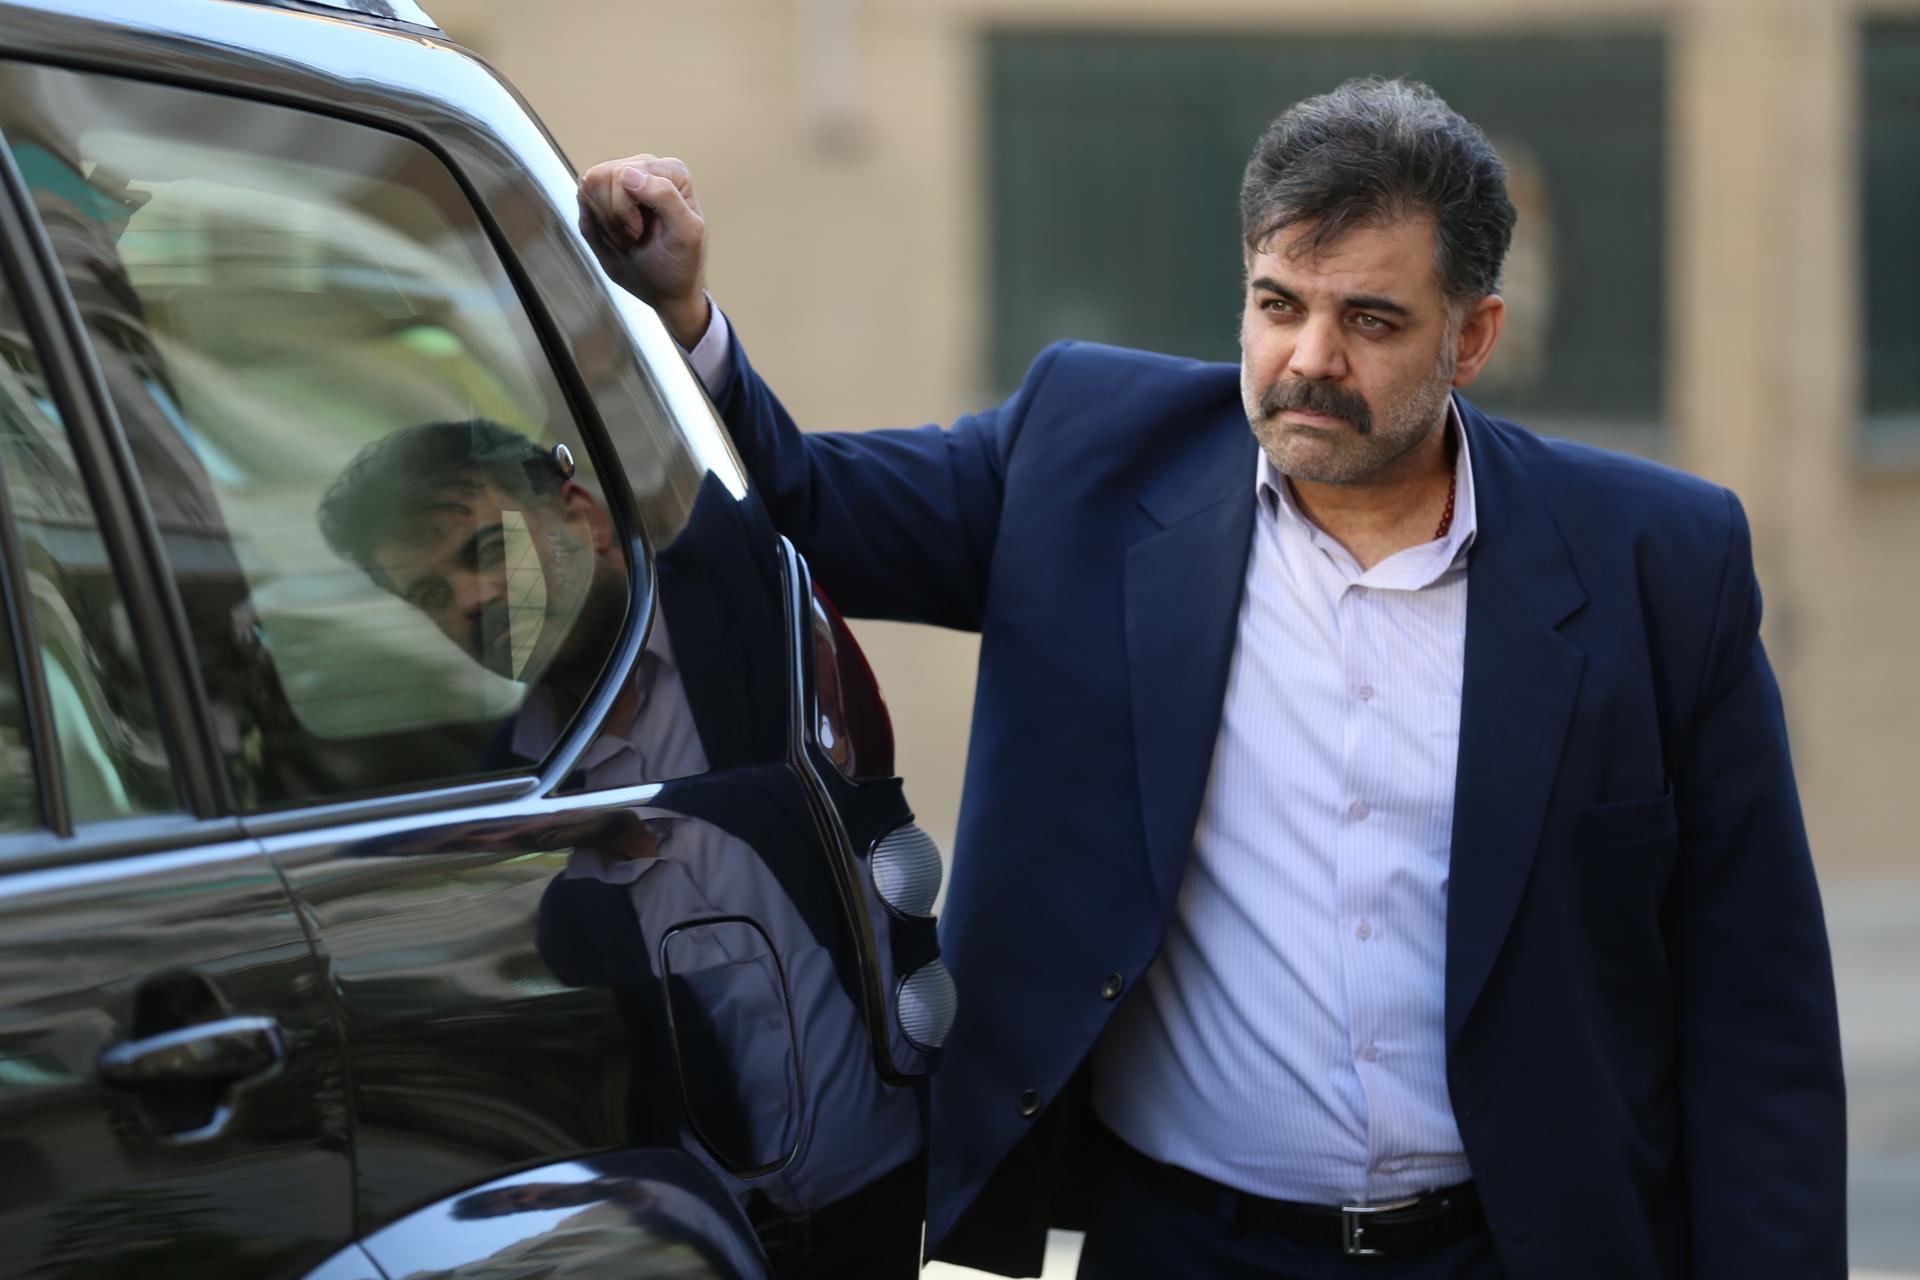 تصویری از سعید دولتی، بازیگر و دستیار کارگردان سینما و تلویزیون در حال بازیگری سر صحنه یکی از آثارش